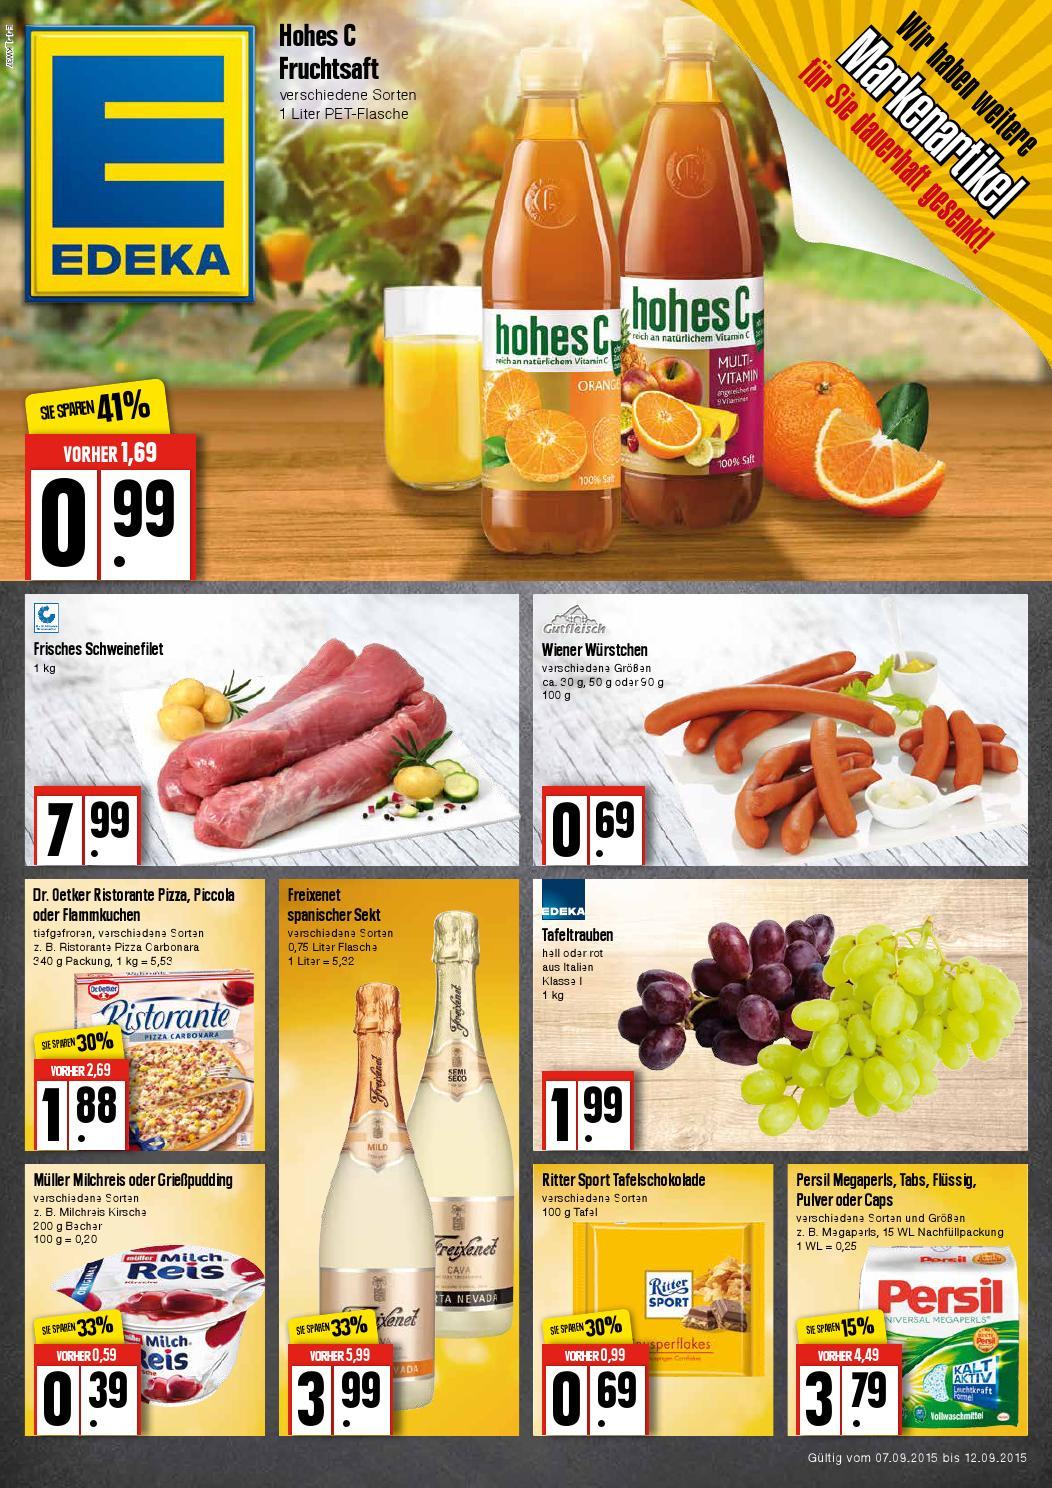 Edeka Angebote KW 37 by Onlineprospekt - issuu